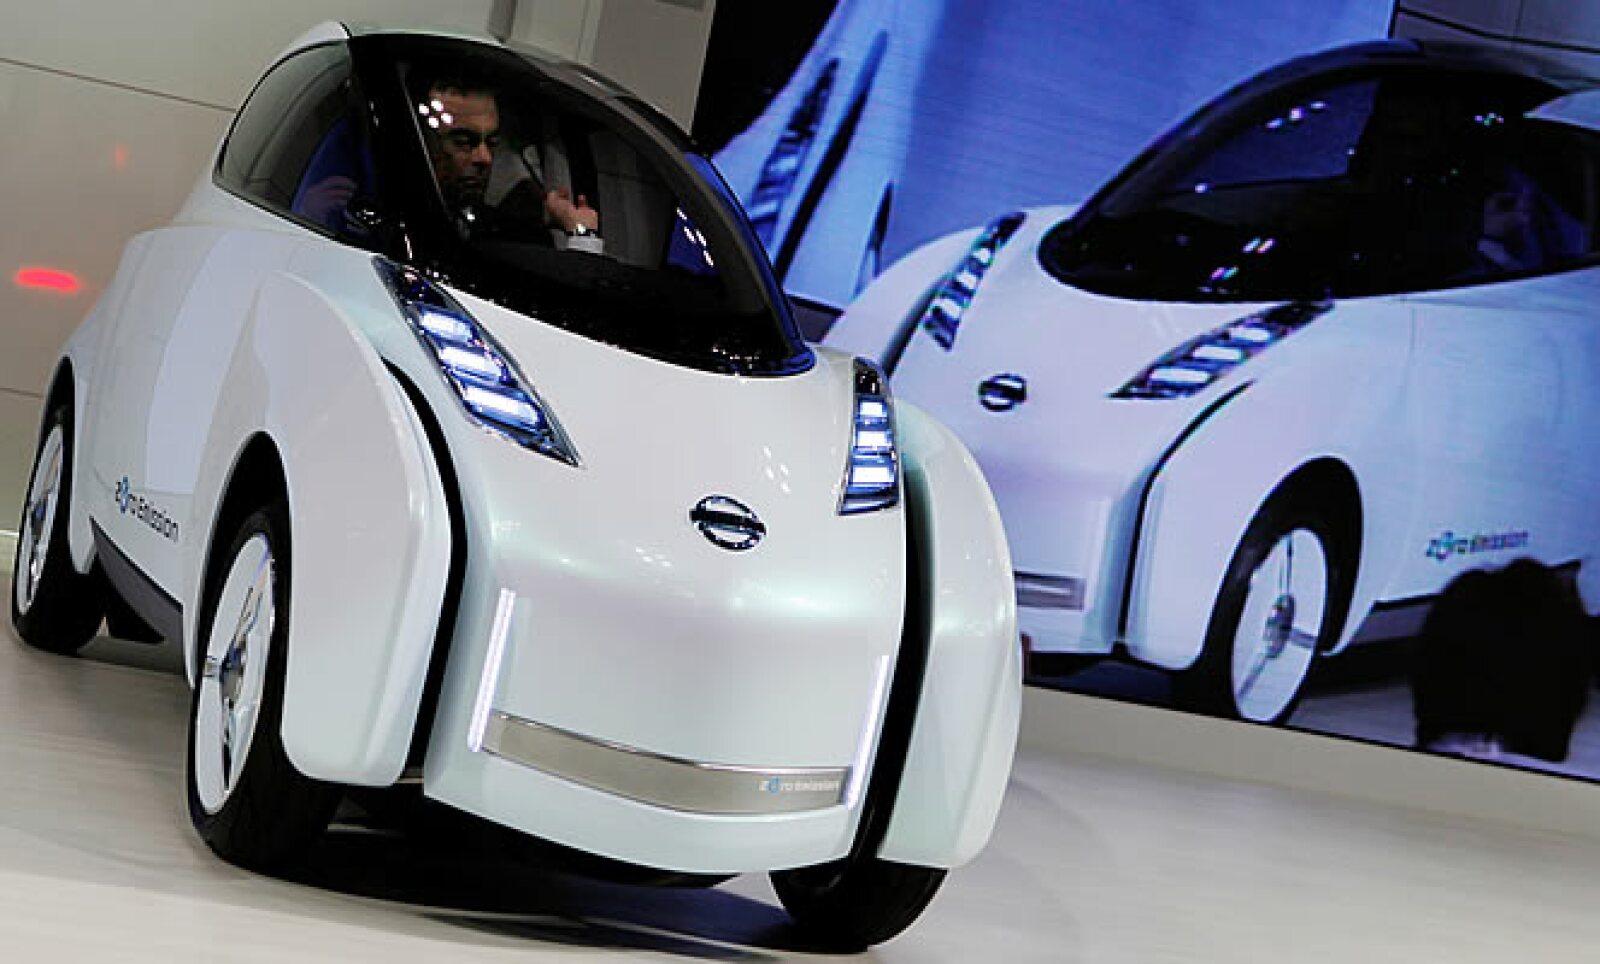 El Land Glider es un automóvil de la firma japonesa, Nissan, que se recarga al estar en movimiento, tiene un sistema que inclina el vehículo unos 17 grados para poder recorrer curvas de mejor manera.